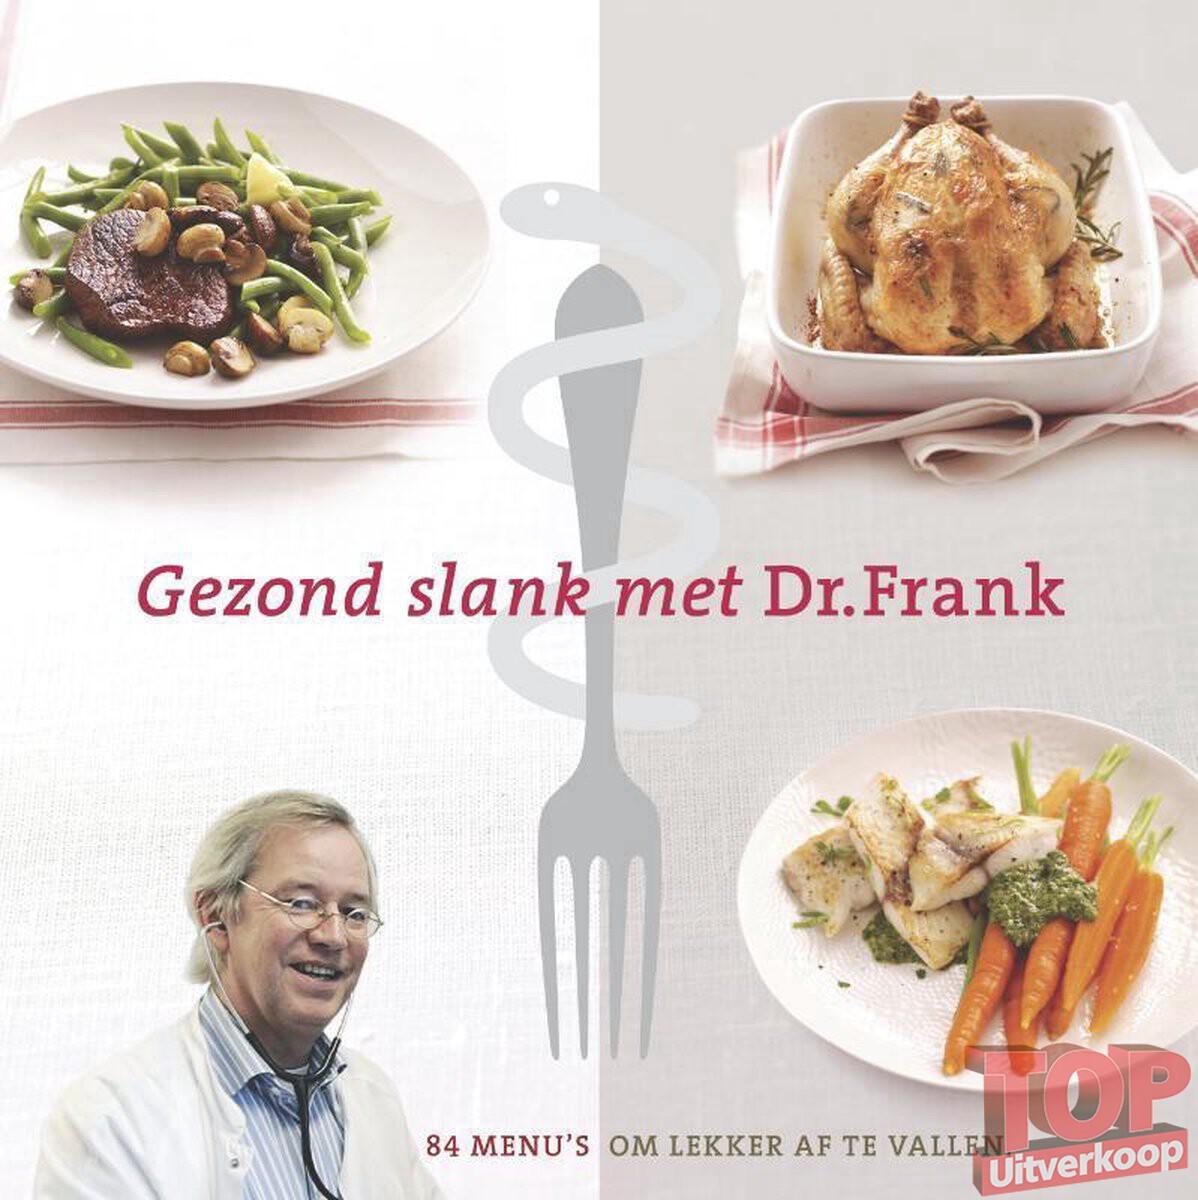 Gezond slank met Dr. Frank